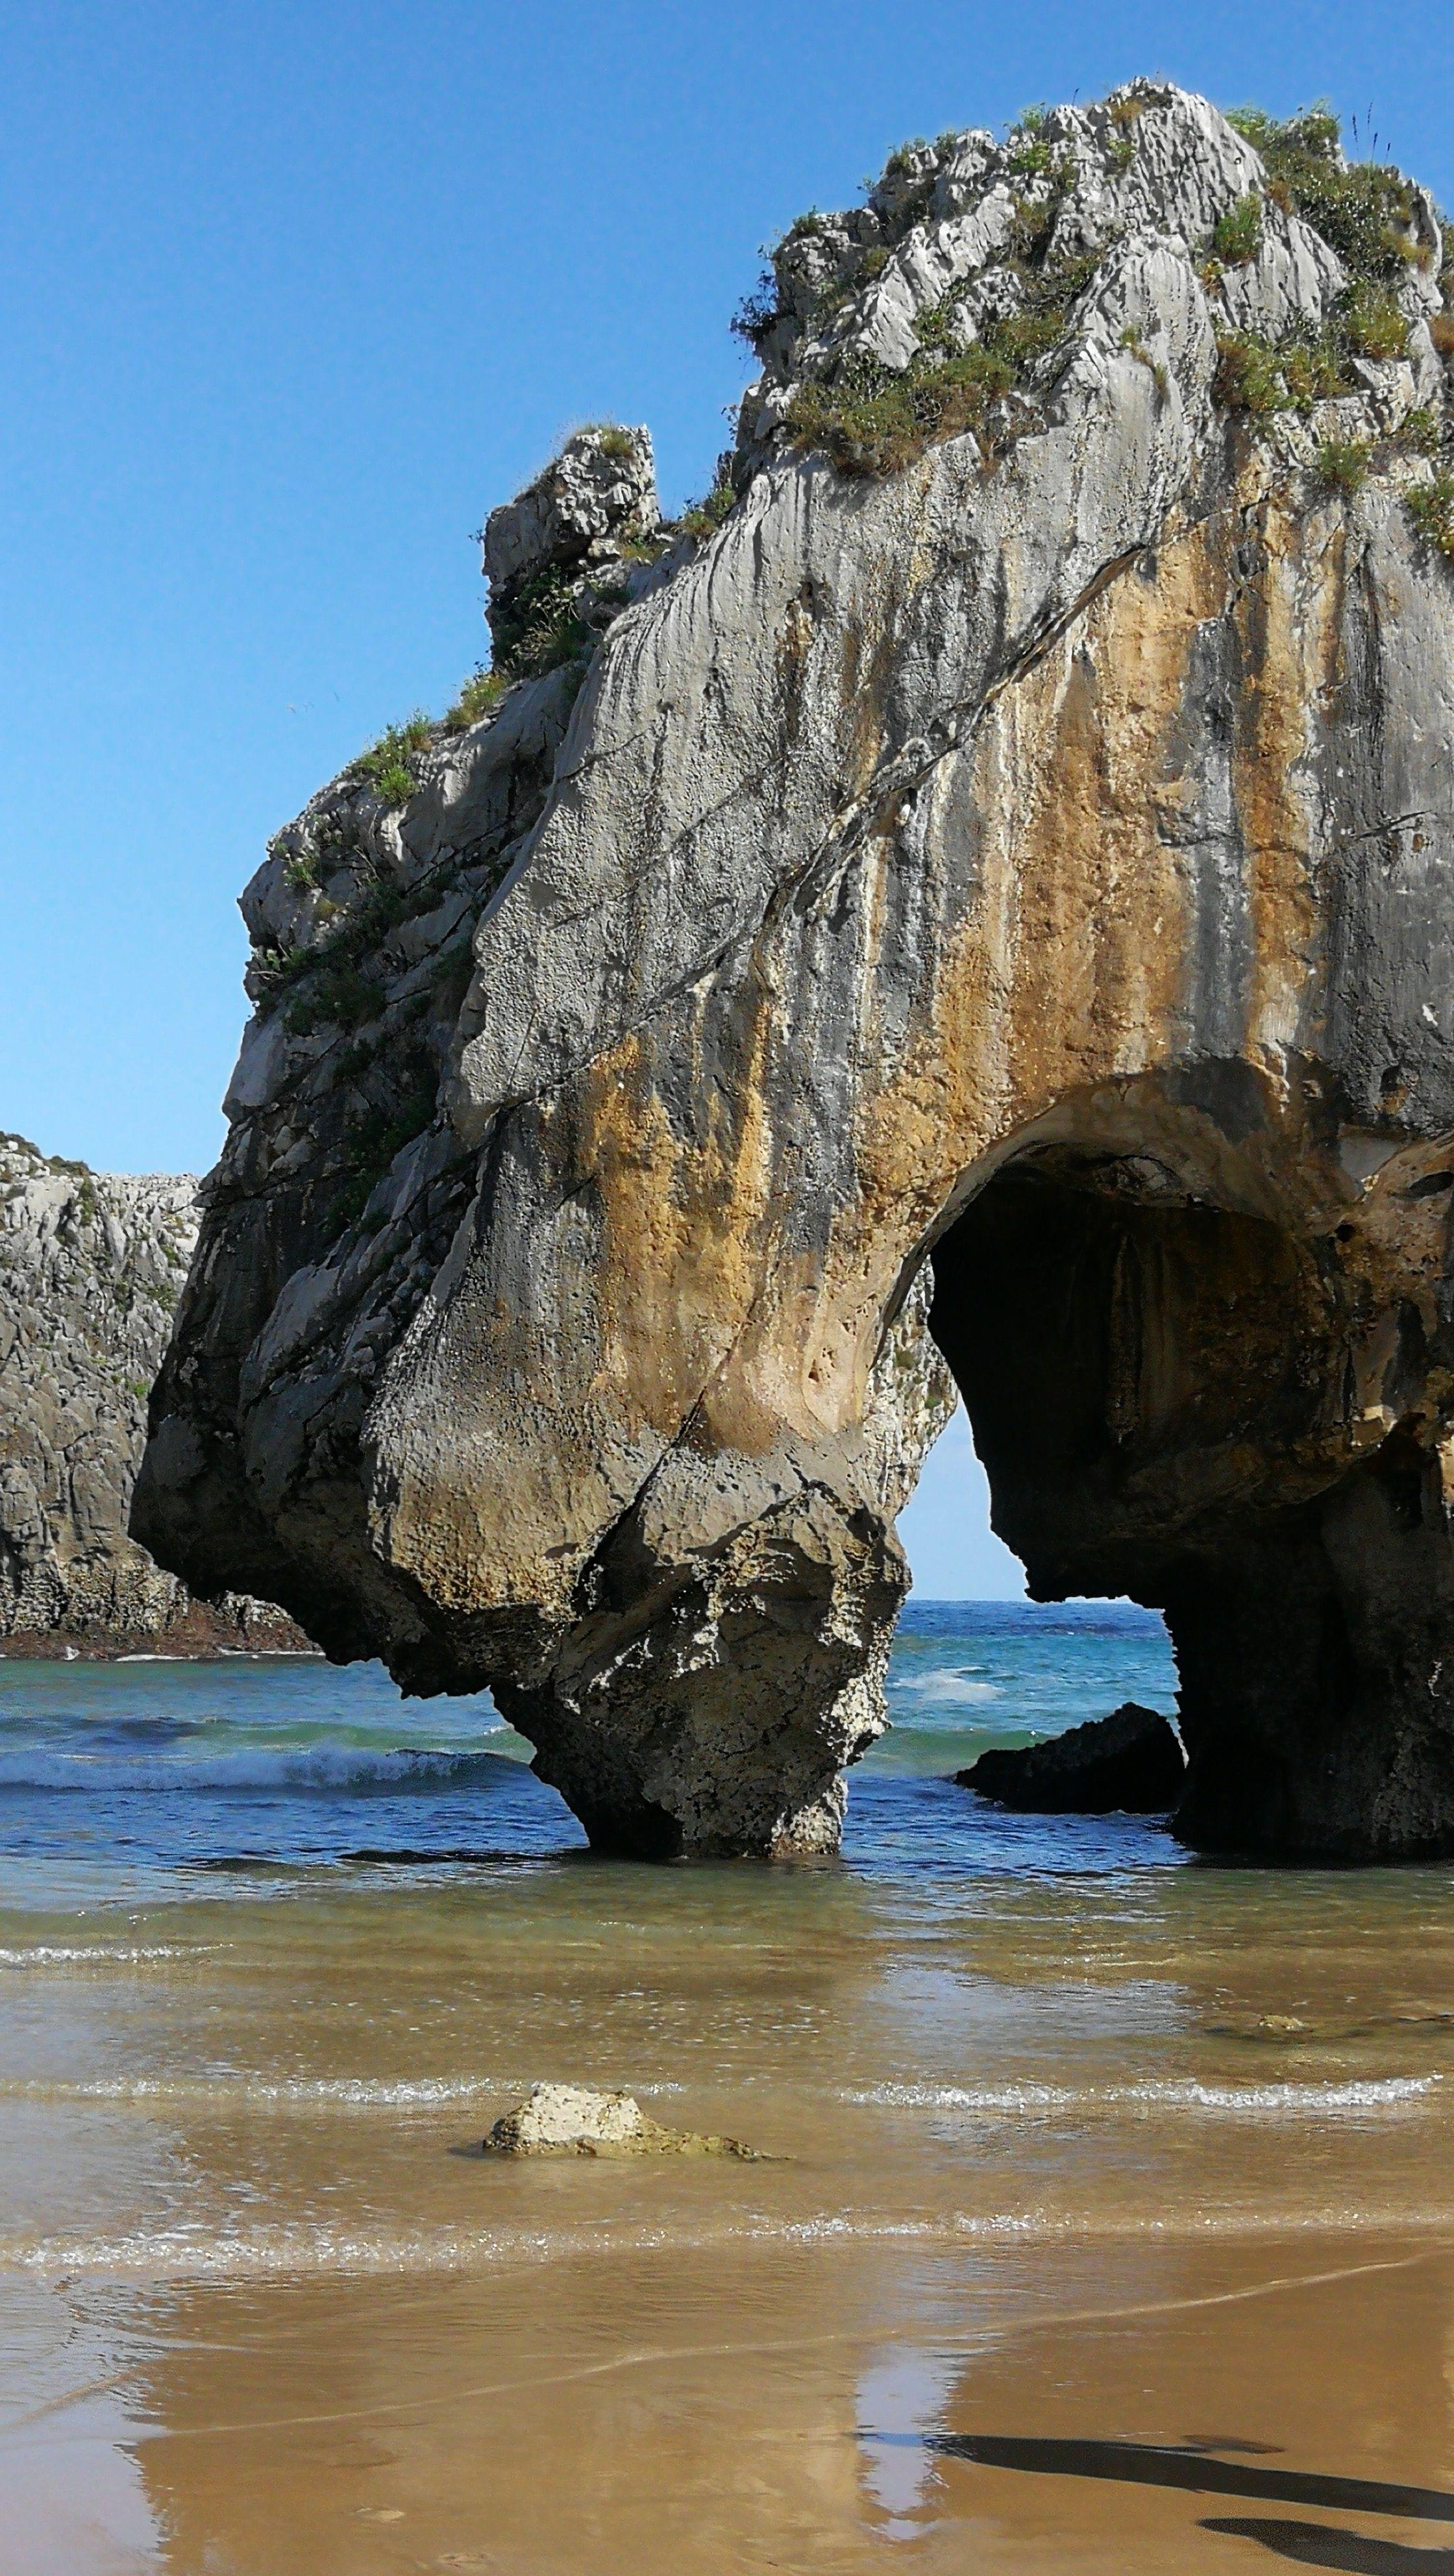 Playa Cuevas Del Mar Llanes Playas De Asturias Turismo Asturias Playas De Asturias Playas España Asturias Turismo